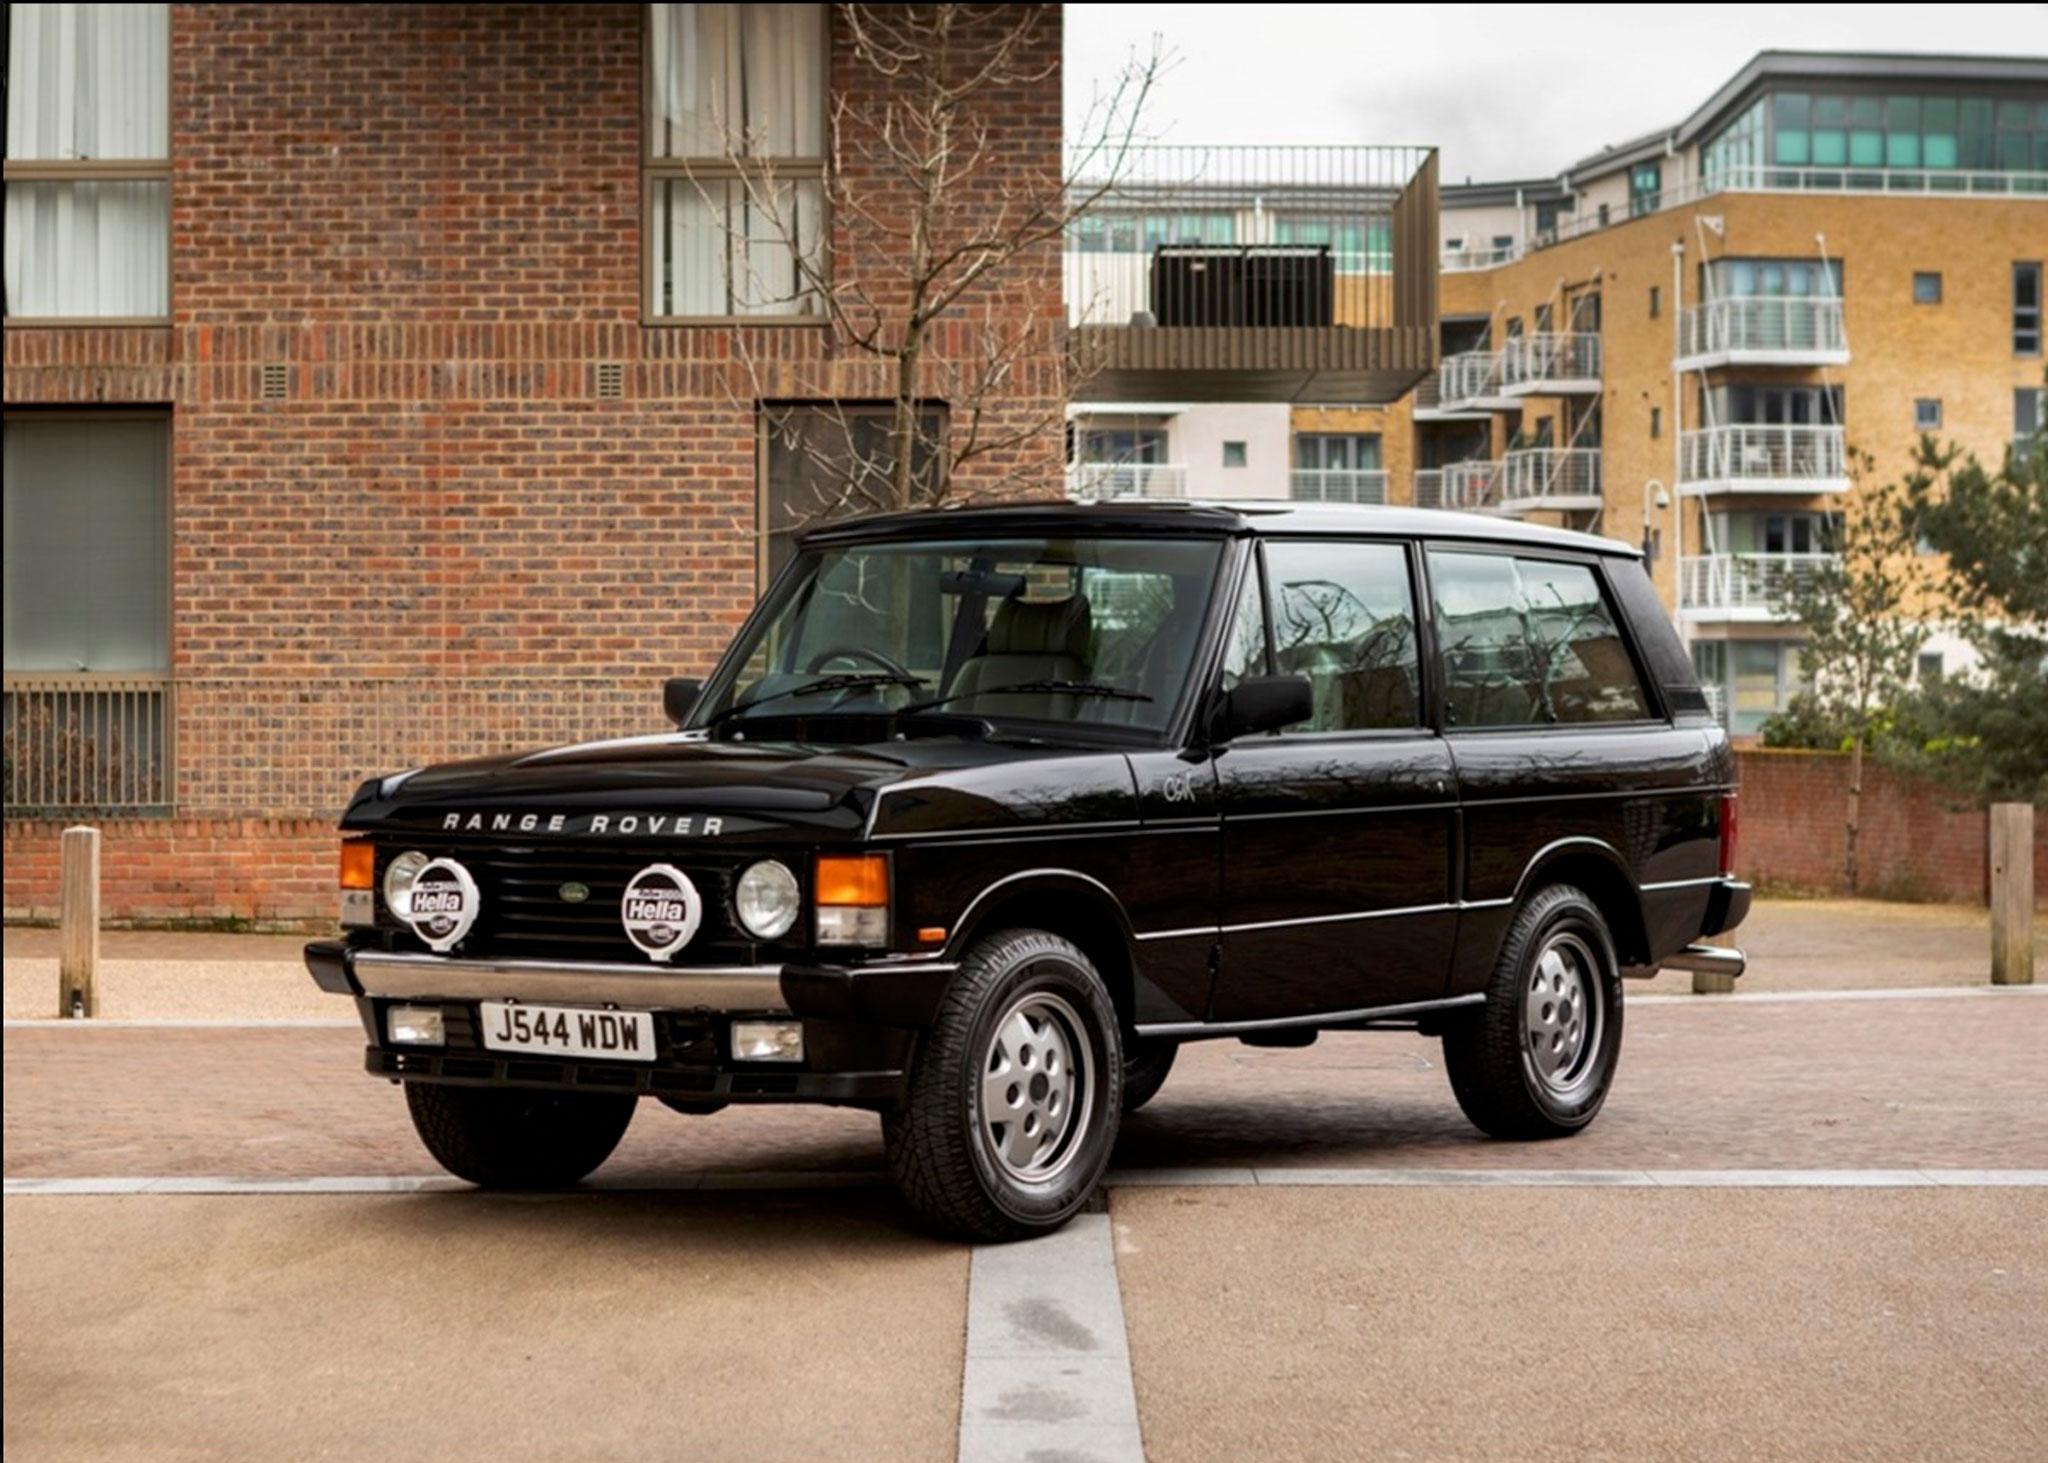 1991 Range Rover CSK une version luxe en l'honneur de Charles Stephen King - Coups de Coeur Historics Auctioneers.